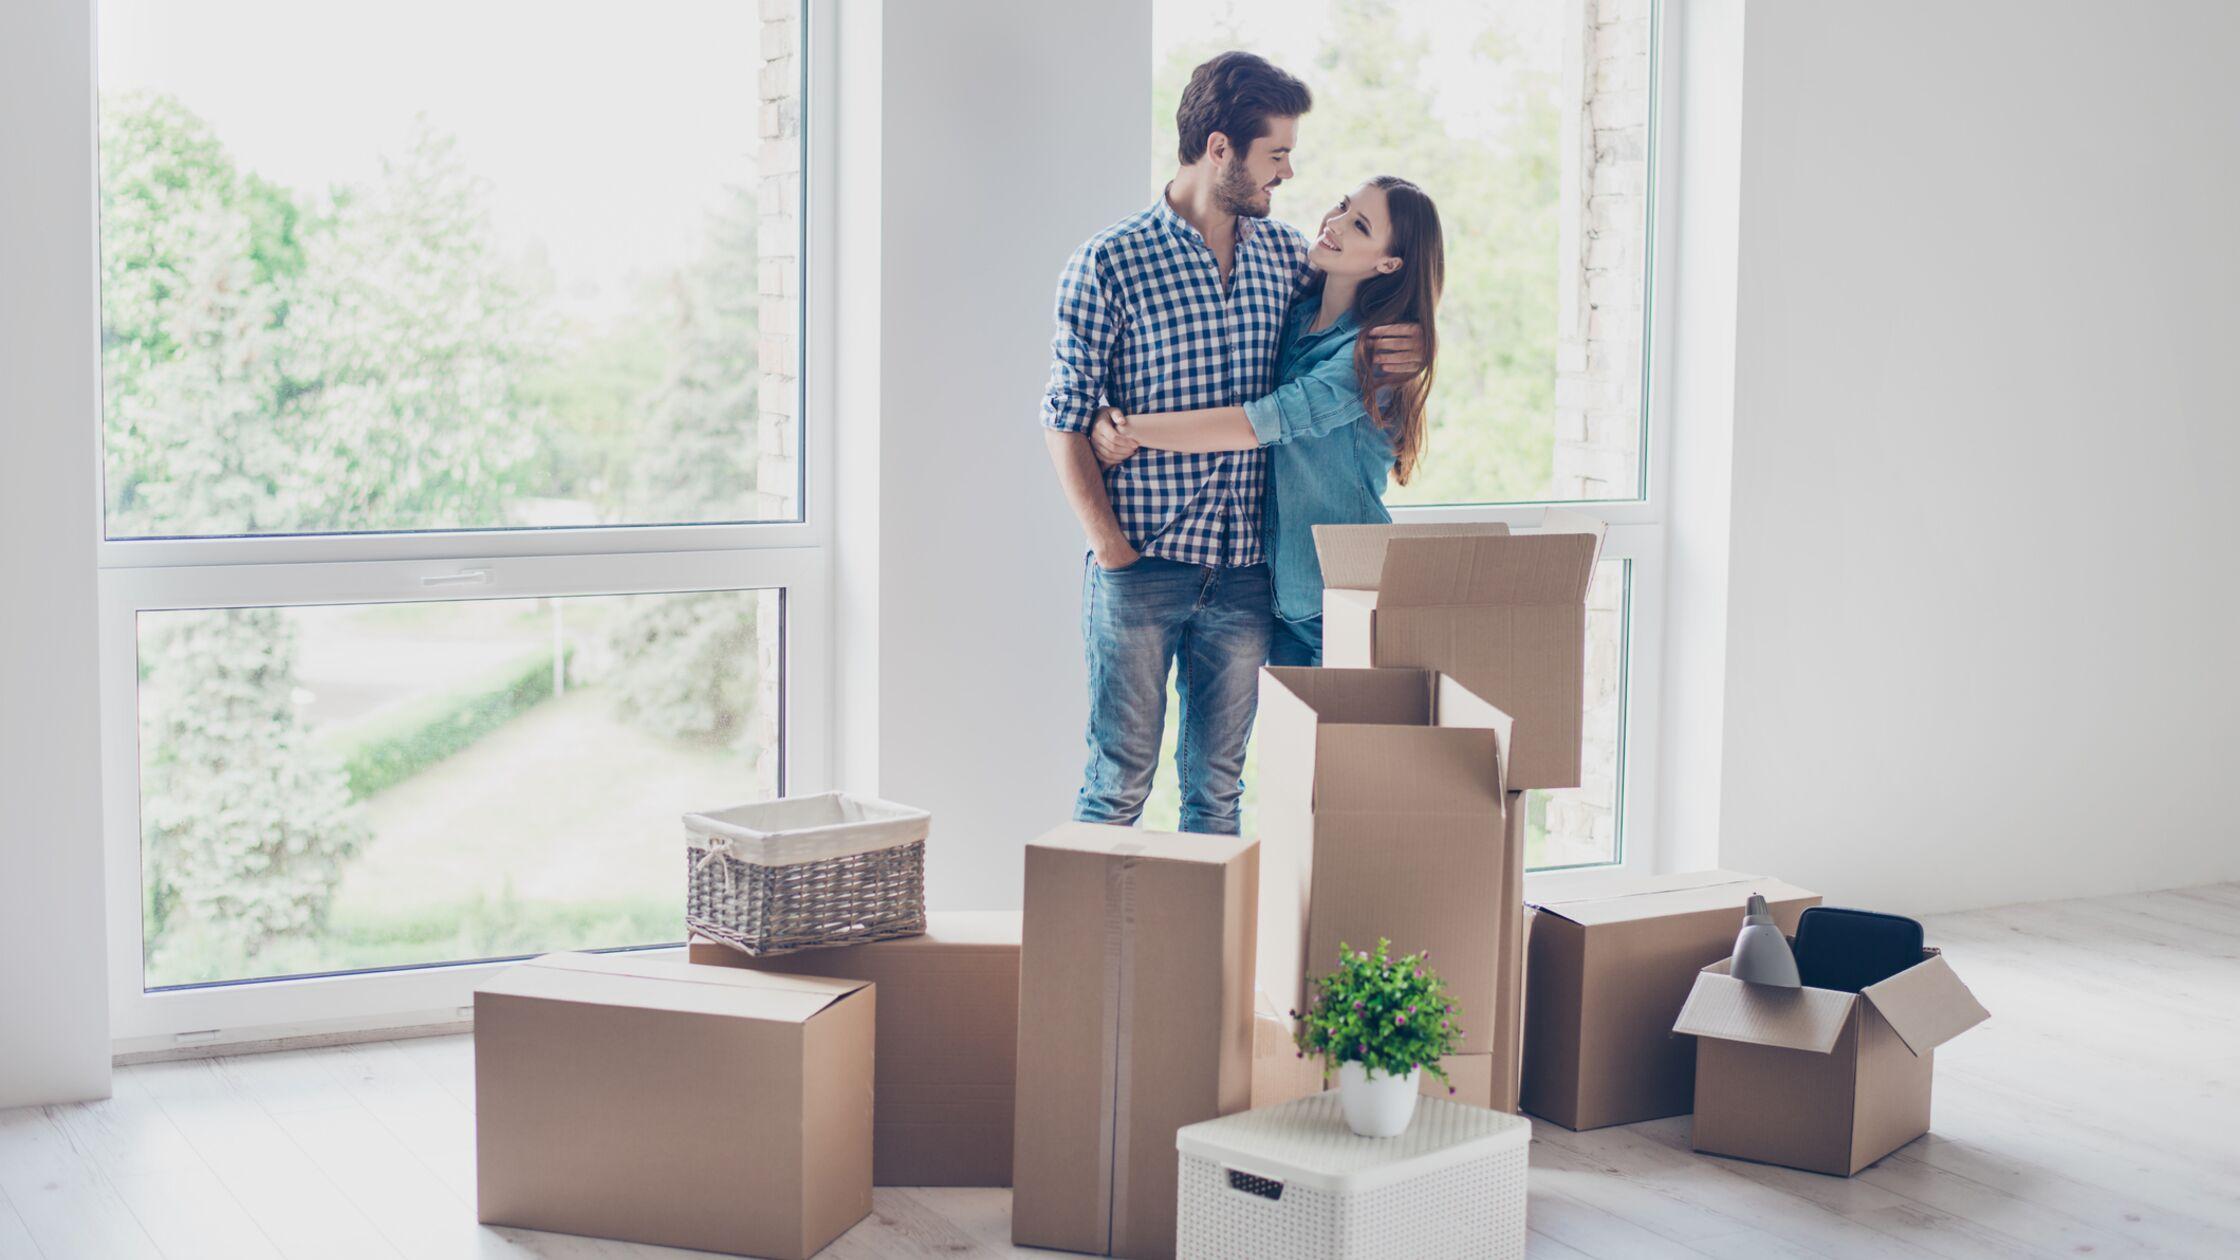 Abstandszahlung für die Wohnung: Was ist das und was ist erlaubt?